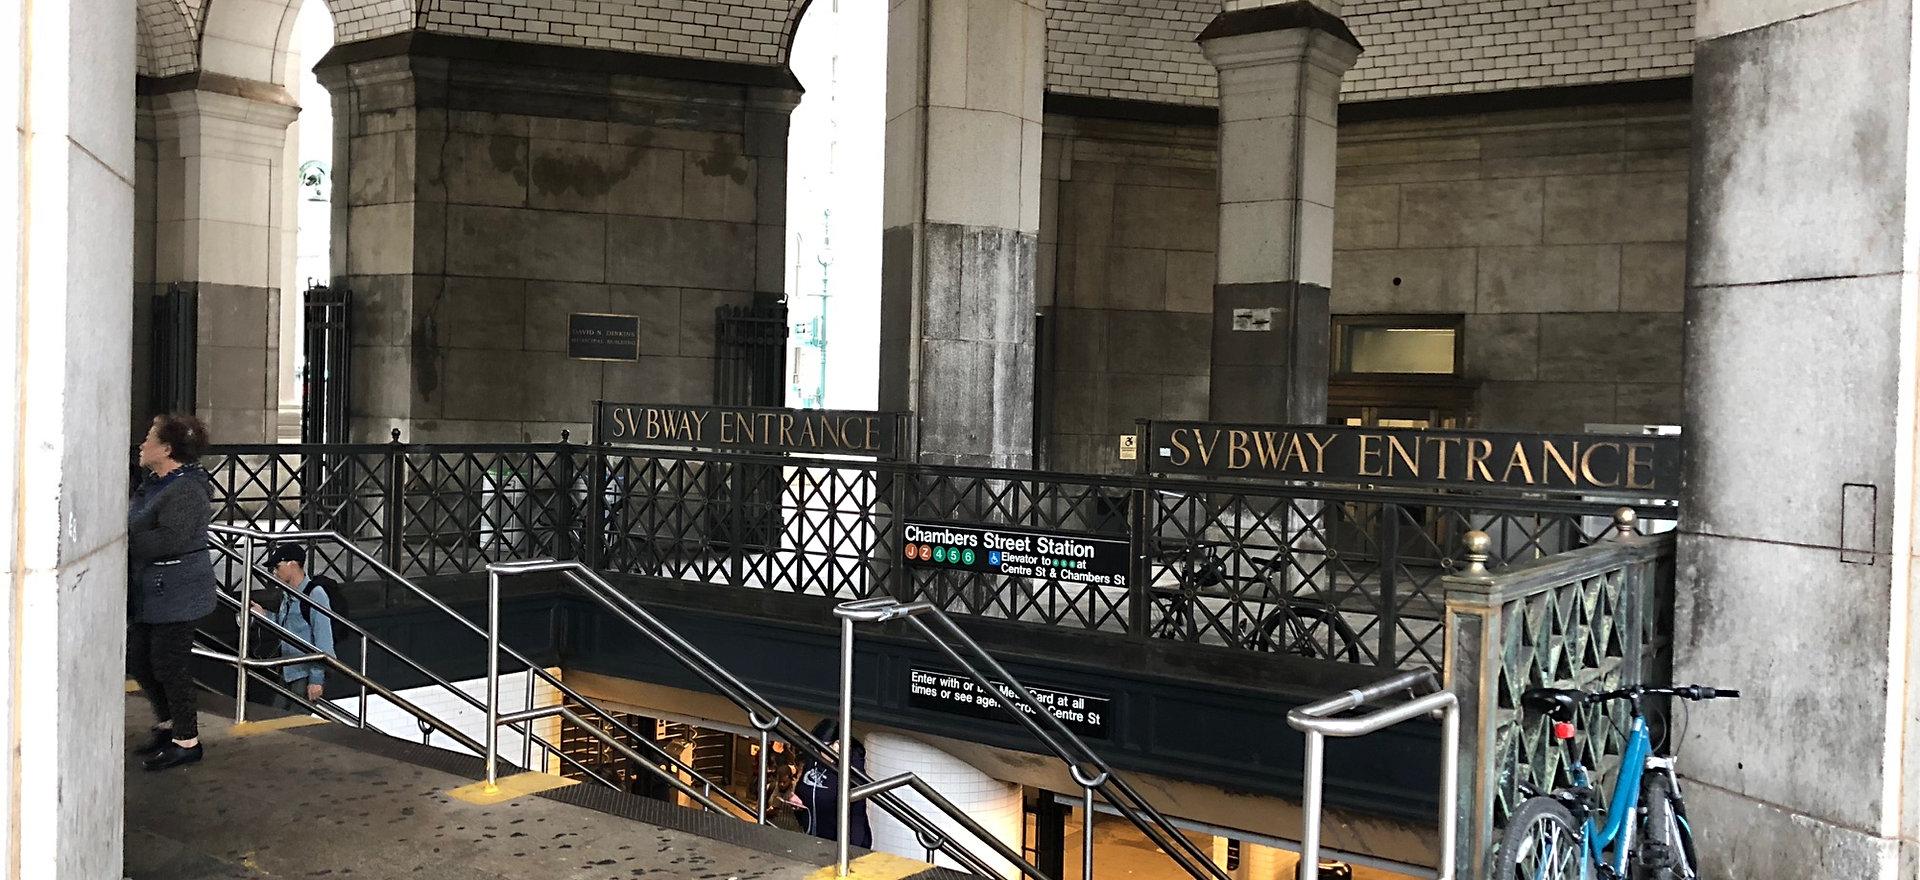 CHAMBERS ST SUBWAY STATION